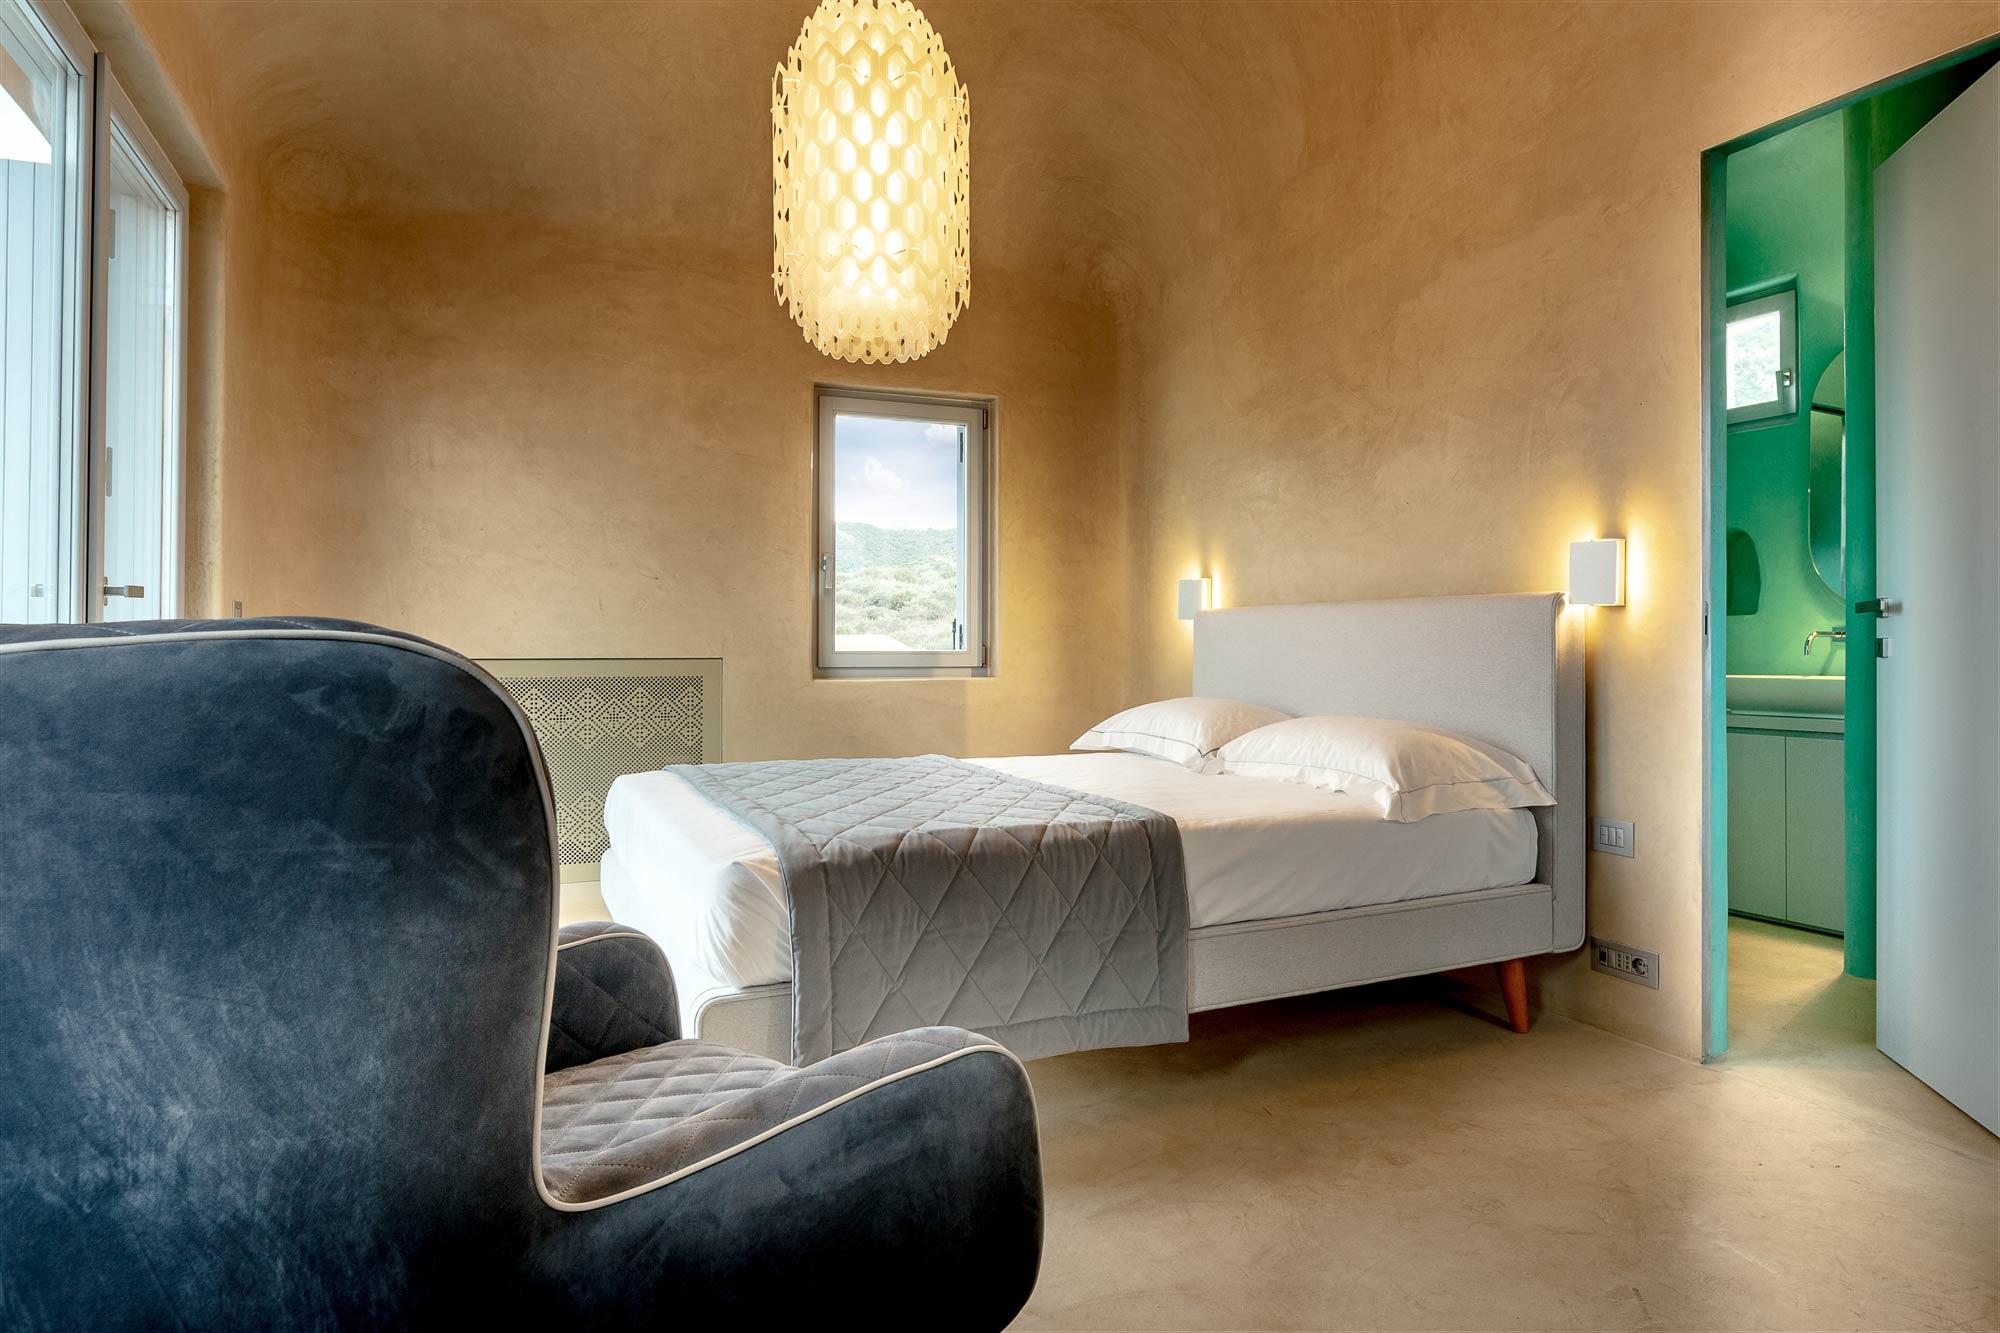 Is Molas - Villa Nea Bedroom